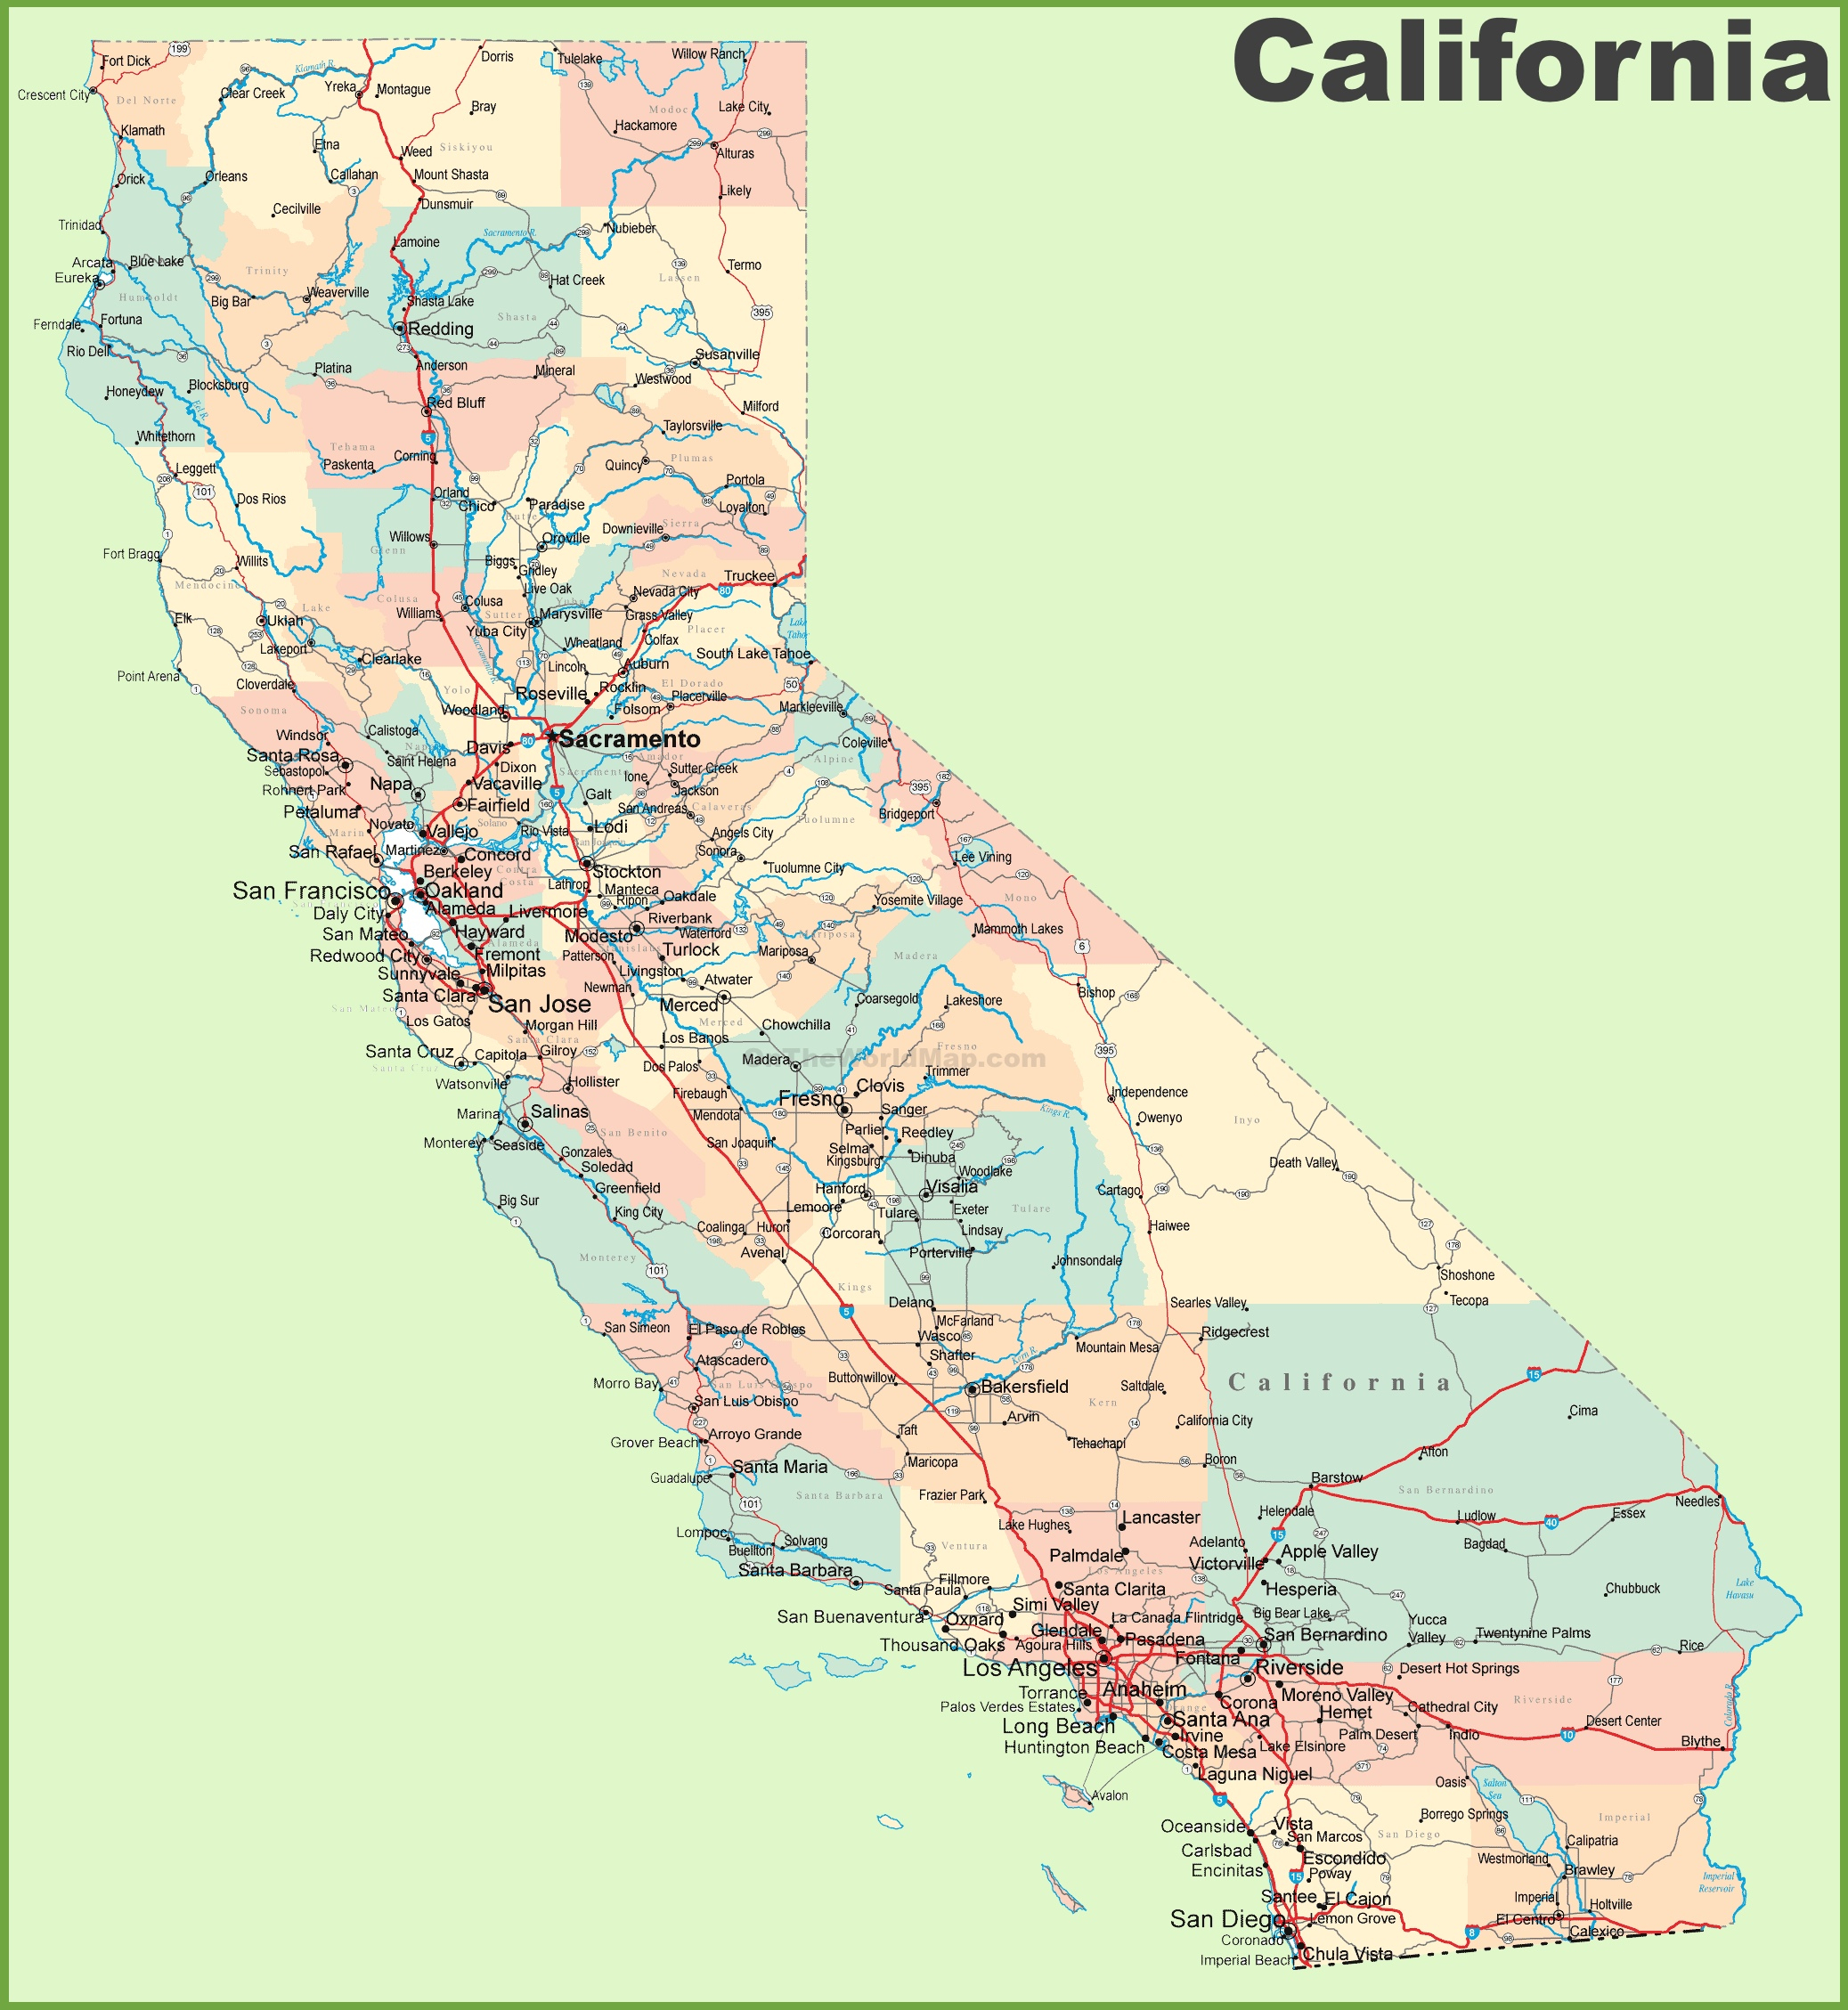 California Road Map - Driving Map Of California